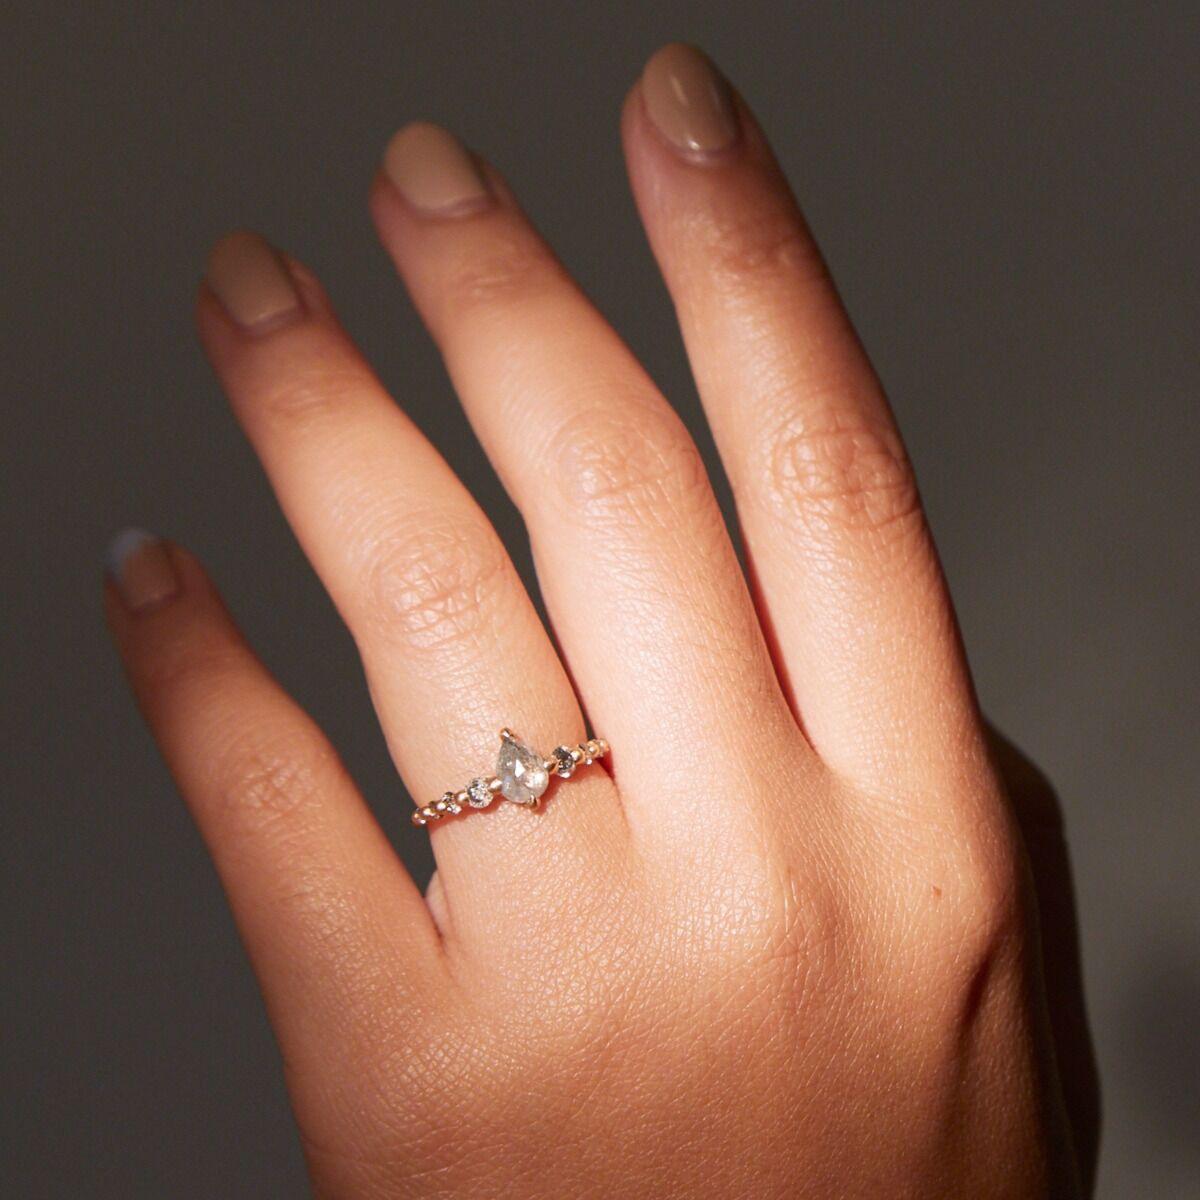 Naiad Ring image